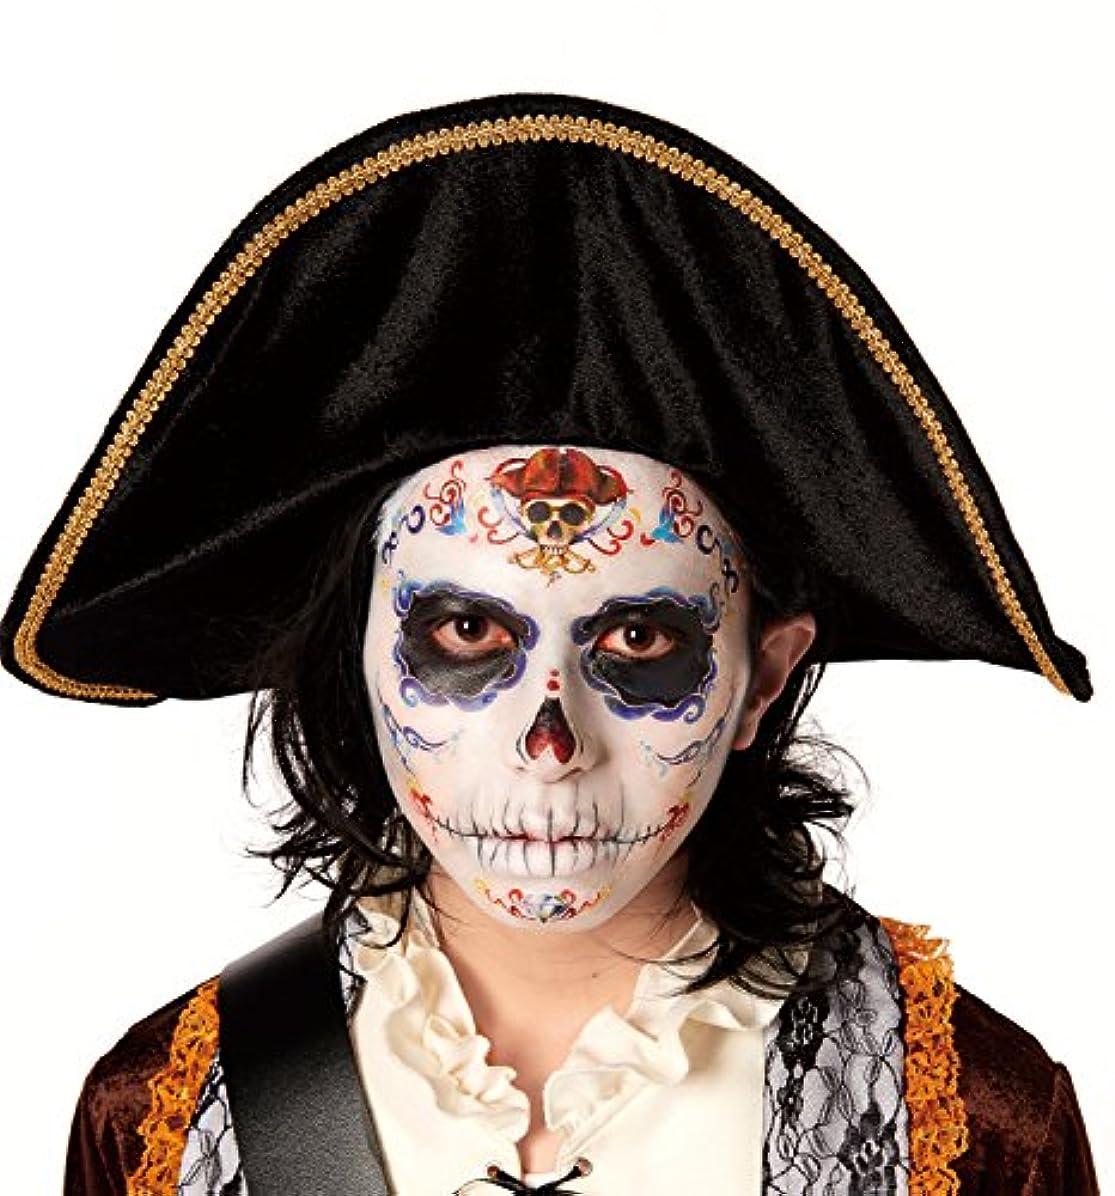 ゆでる郵便屋さん葡萄シュガースカル パイレーツ 海賊 フェイスシール タトゥーシール ハロウィン メイク 2点セット